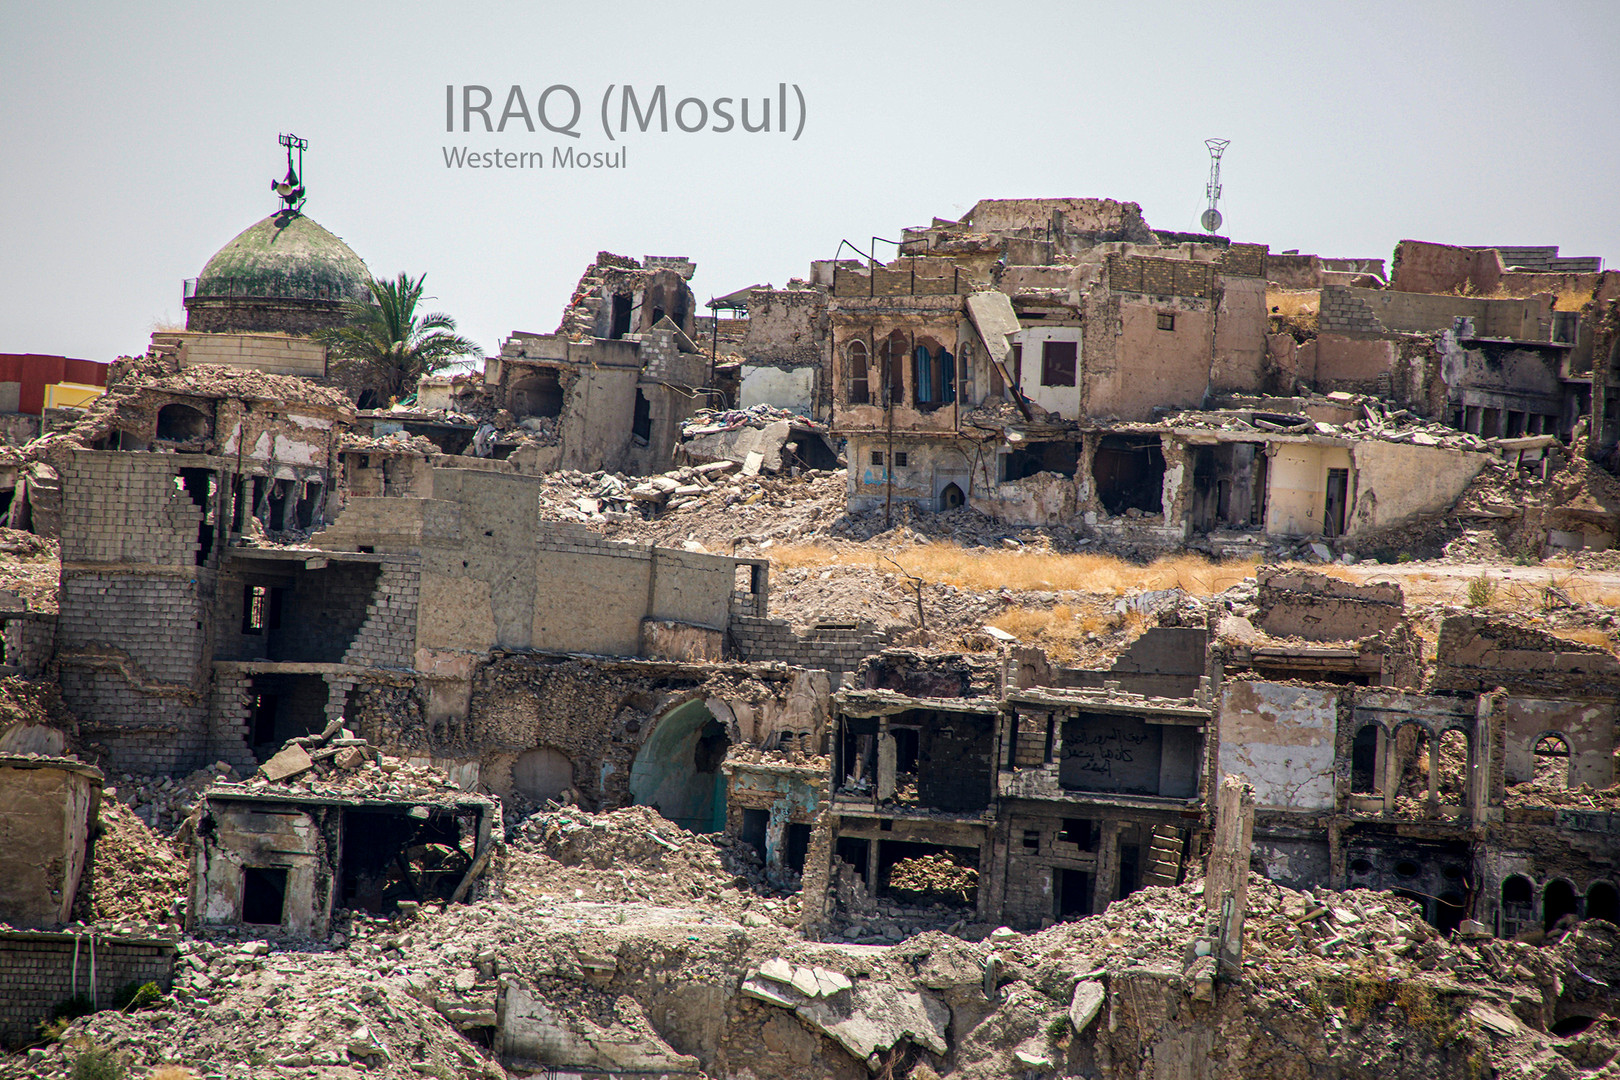 2019-07-22 Iraq - Mosul 11 (POW) 452A784